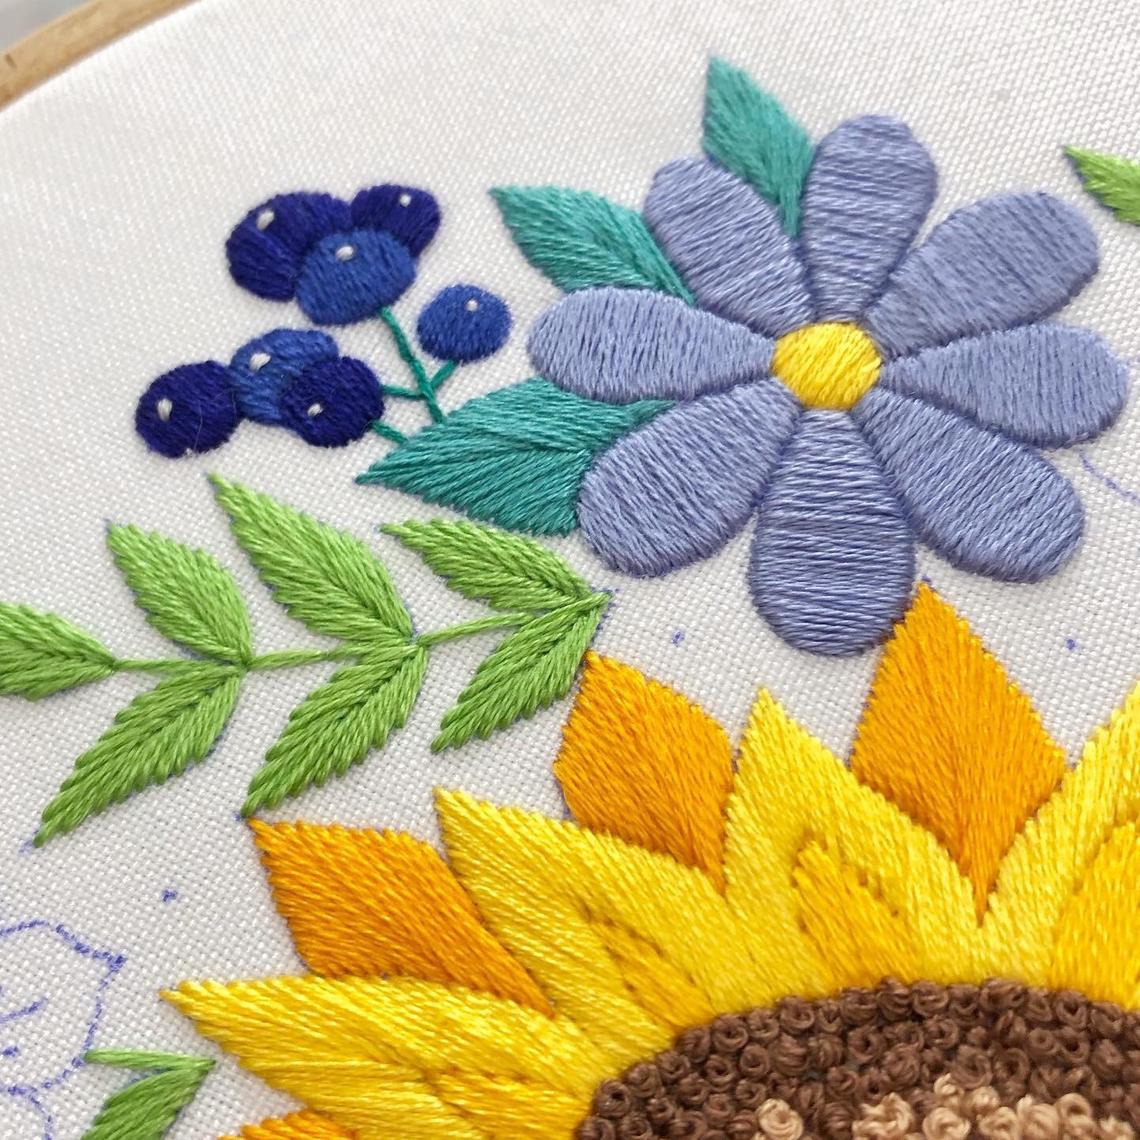 Hướng dẫn thêu hoa hướng dương - Hình 3